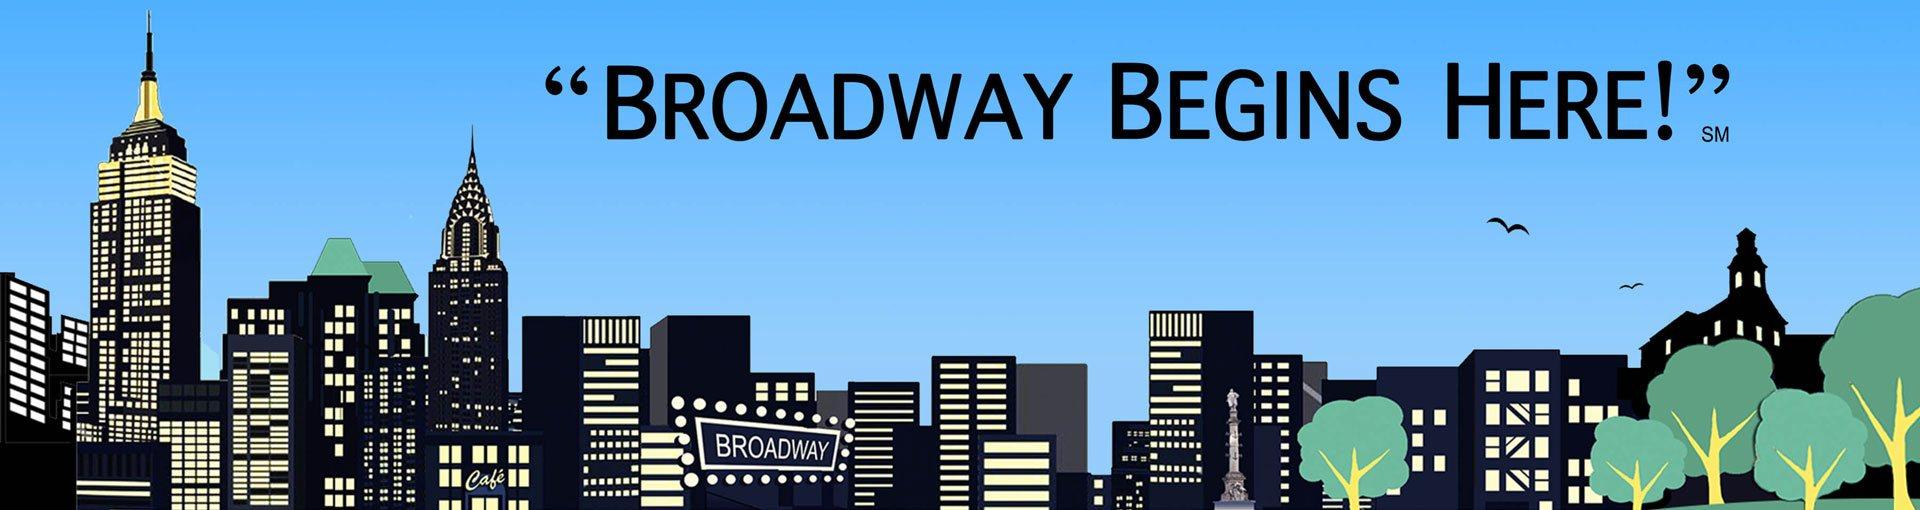 broadway-begins-here